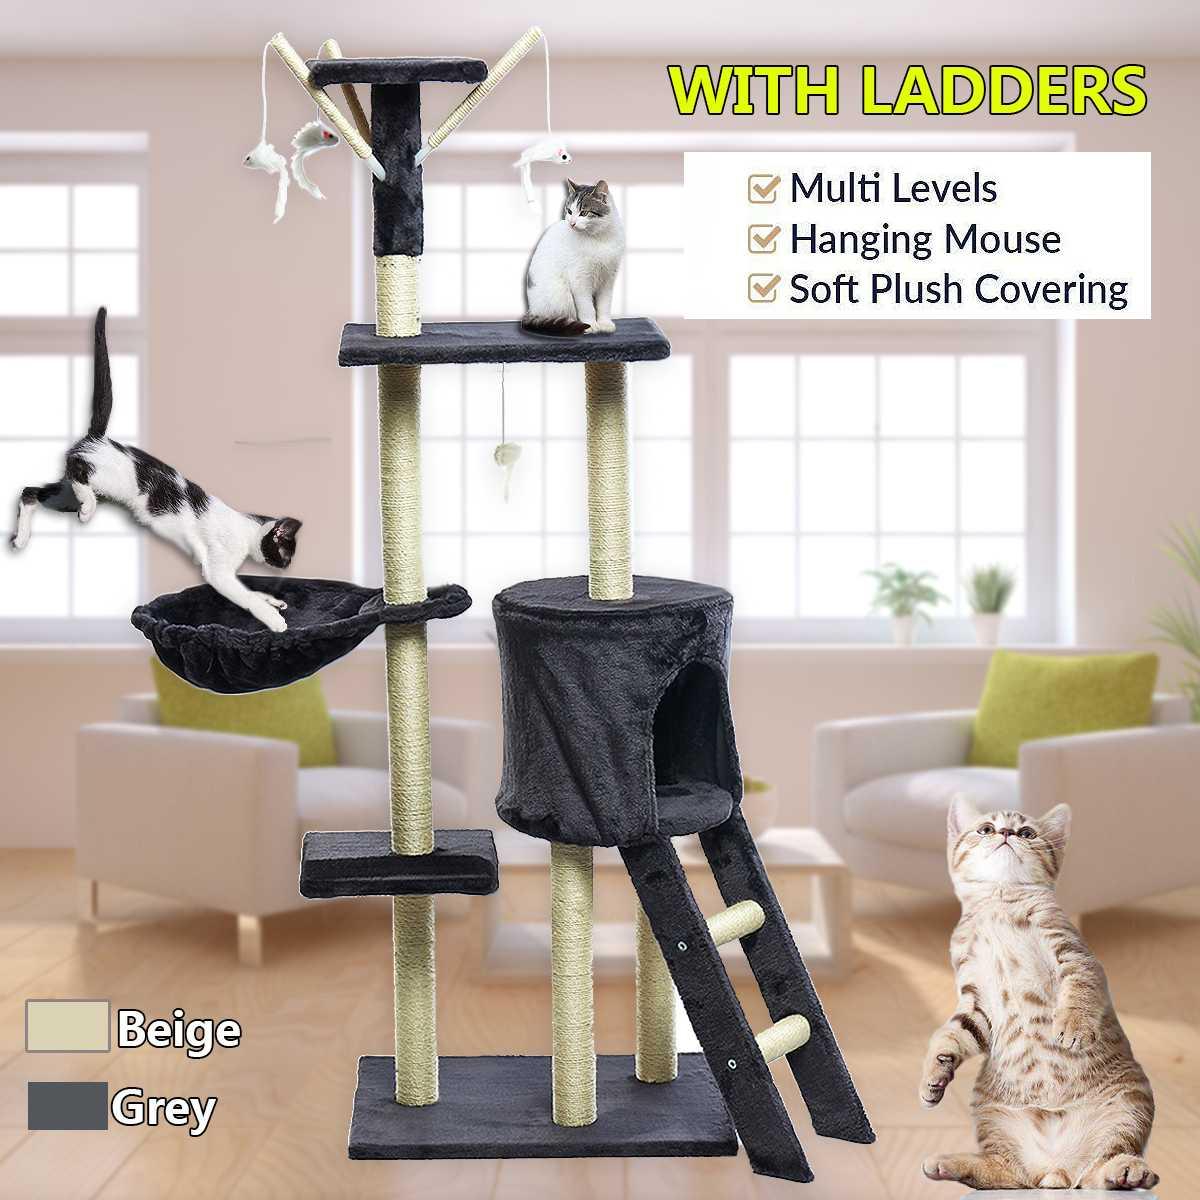 Кошка скалолазание рамка Серый Бежевый Кот Когтеточка дерево скребок полюс мебель тренажерный зал дом игрушка для прыжков кошек платформа